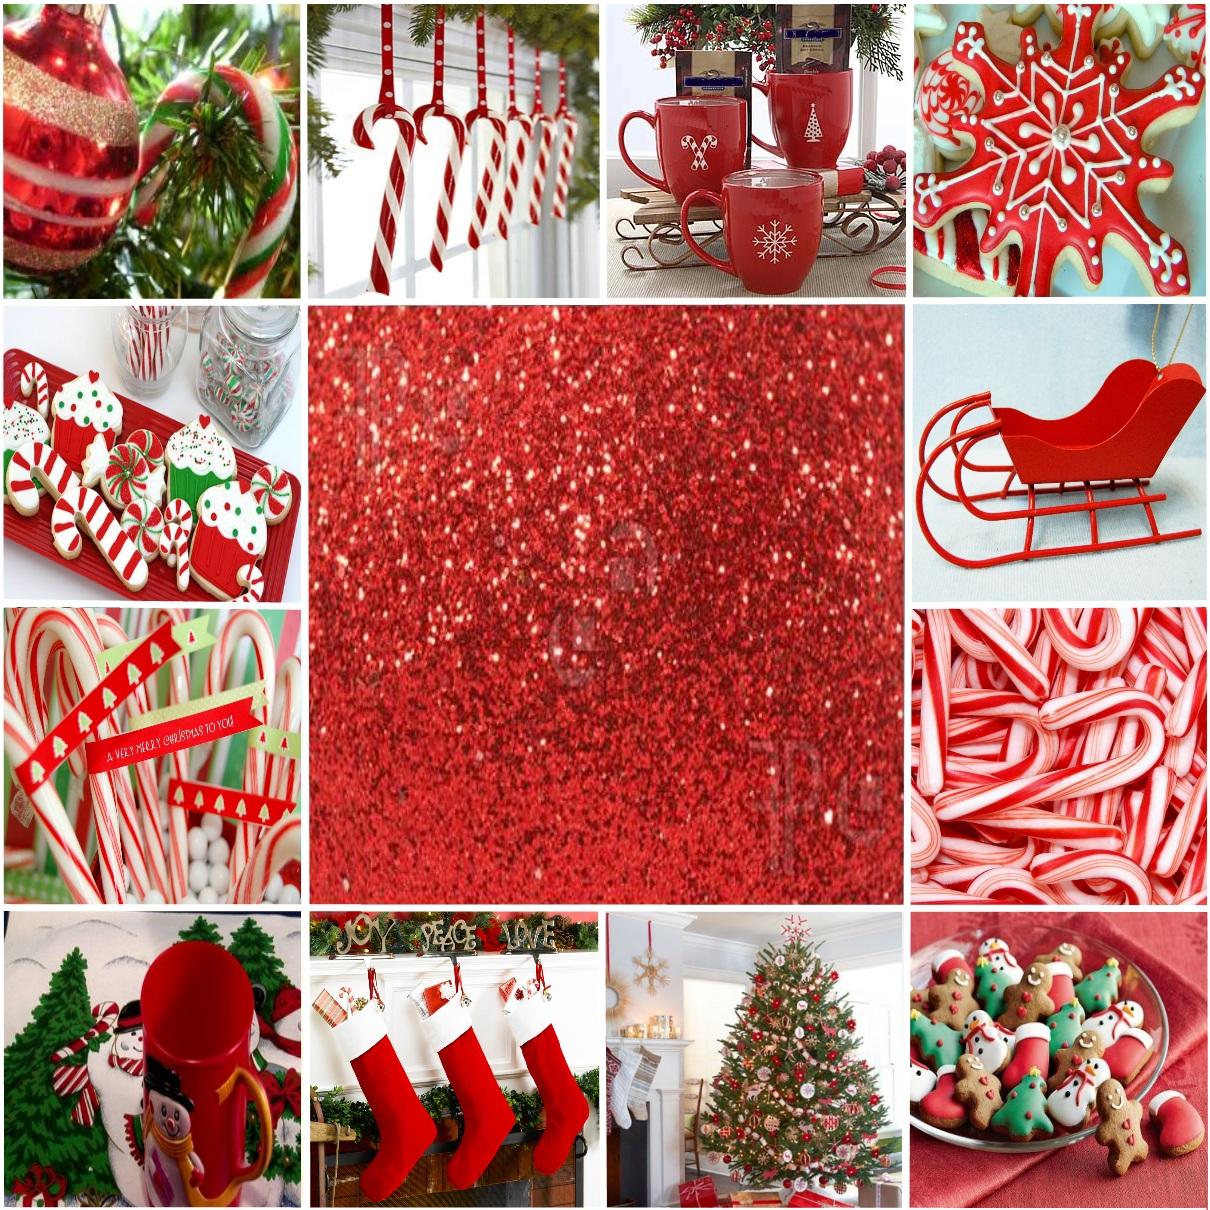 2013-12-20 do 24: Świąteczny niezbędnik SaskaKepa.info